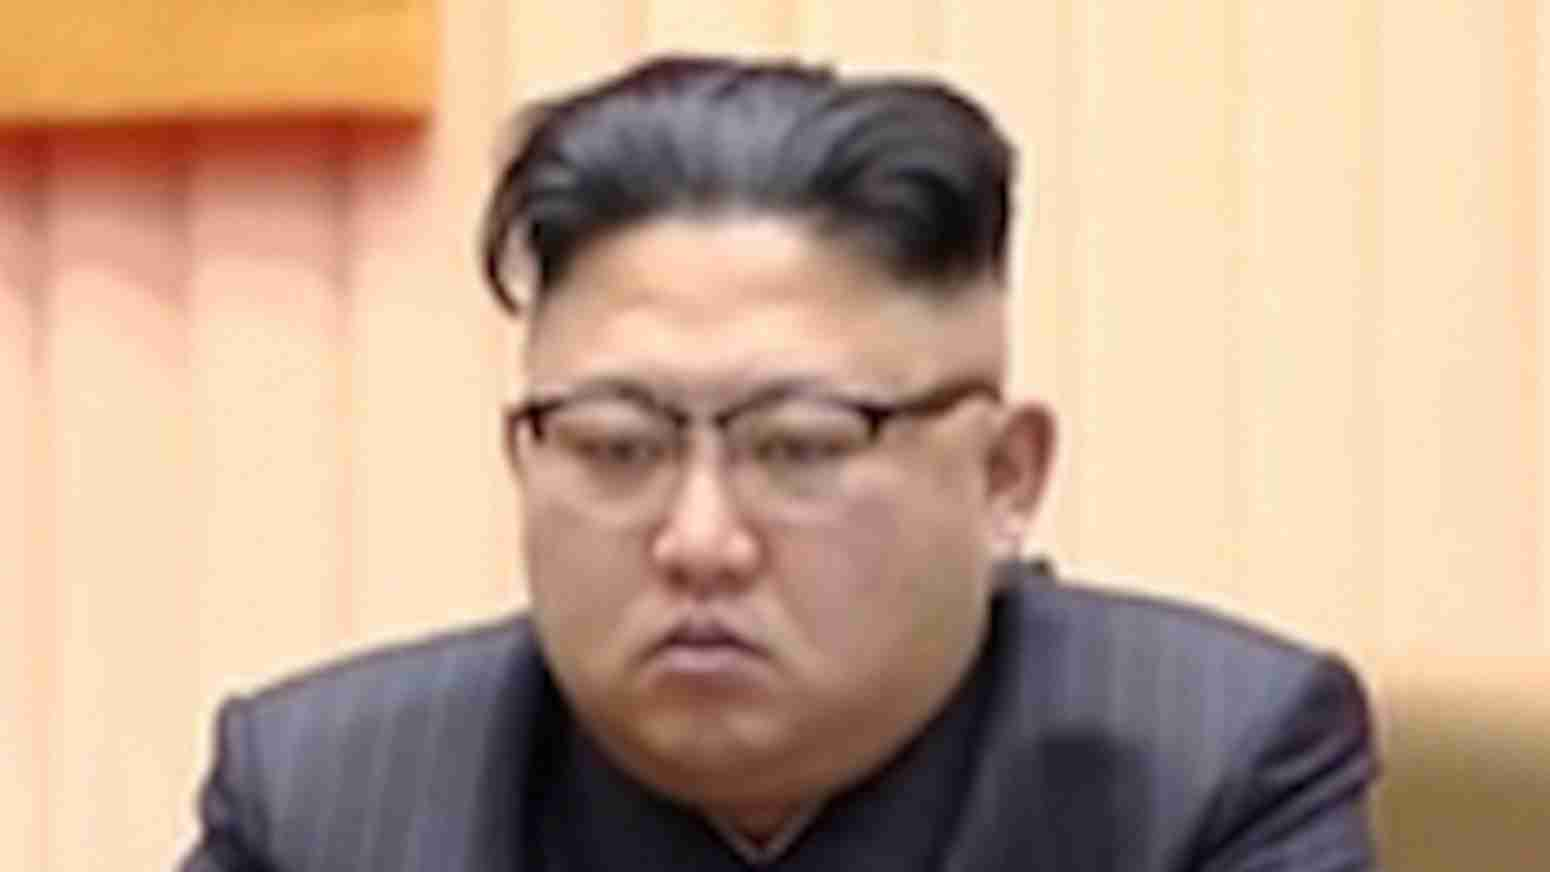 金正恩氏「拷問部隊」トップの逆襲がはじまった(高英起) - 個人 - Yahoo!ニュース